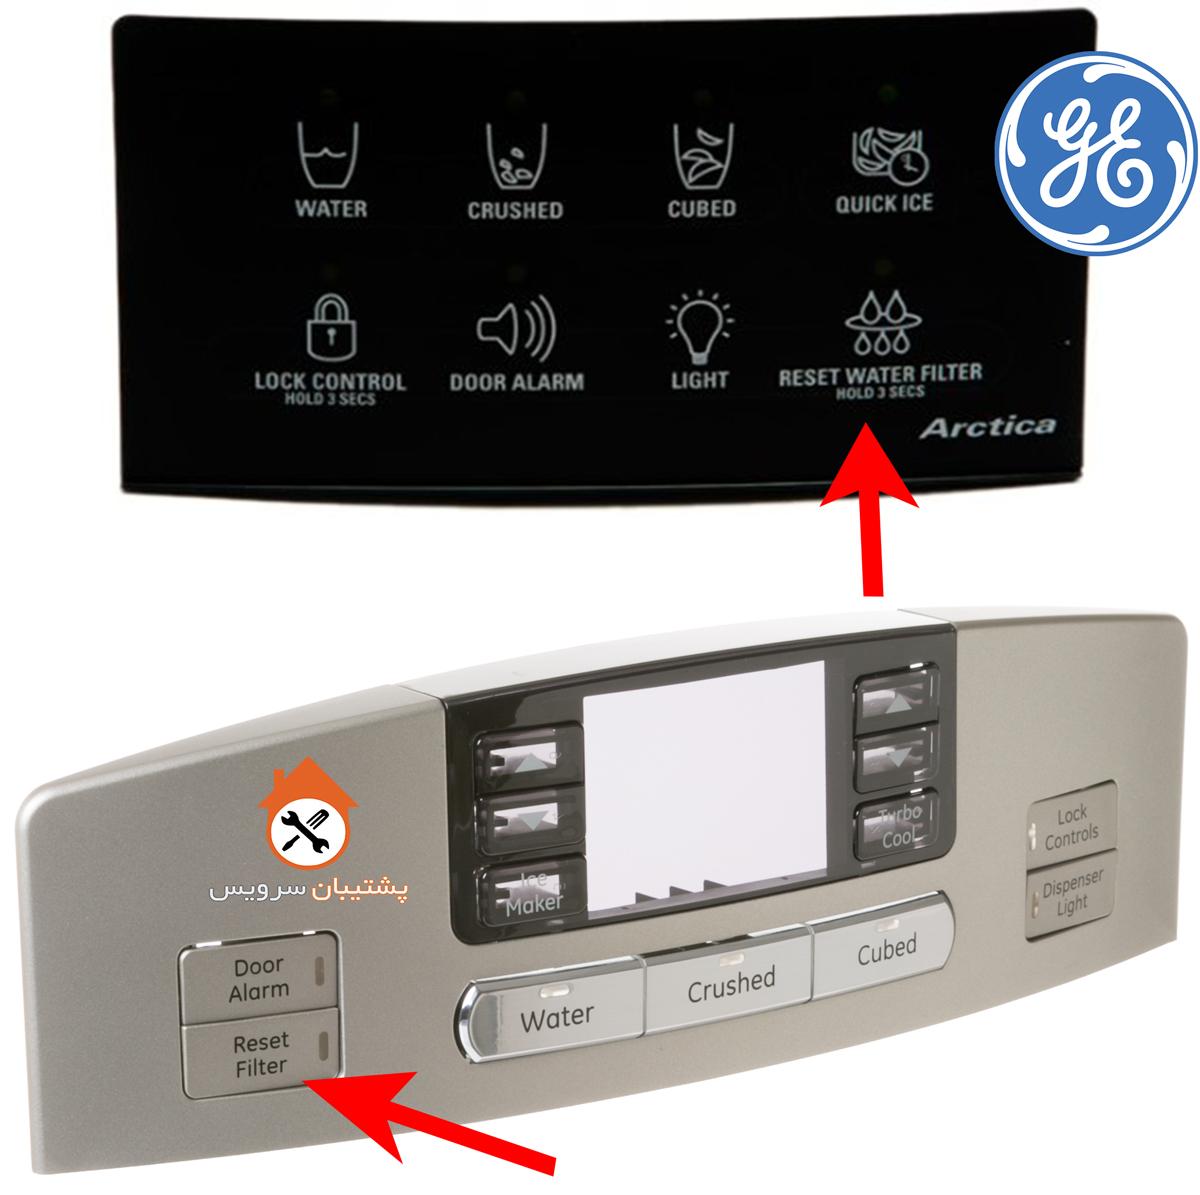 ریست فیلتر یخچال ساید بای ساید جنرال الکتریک Refrigerator display ge logo